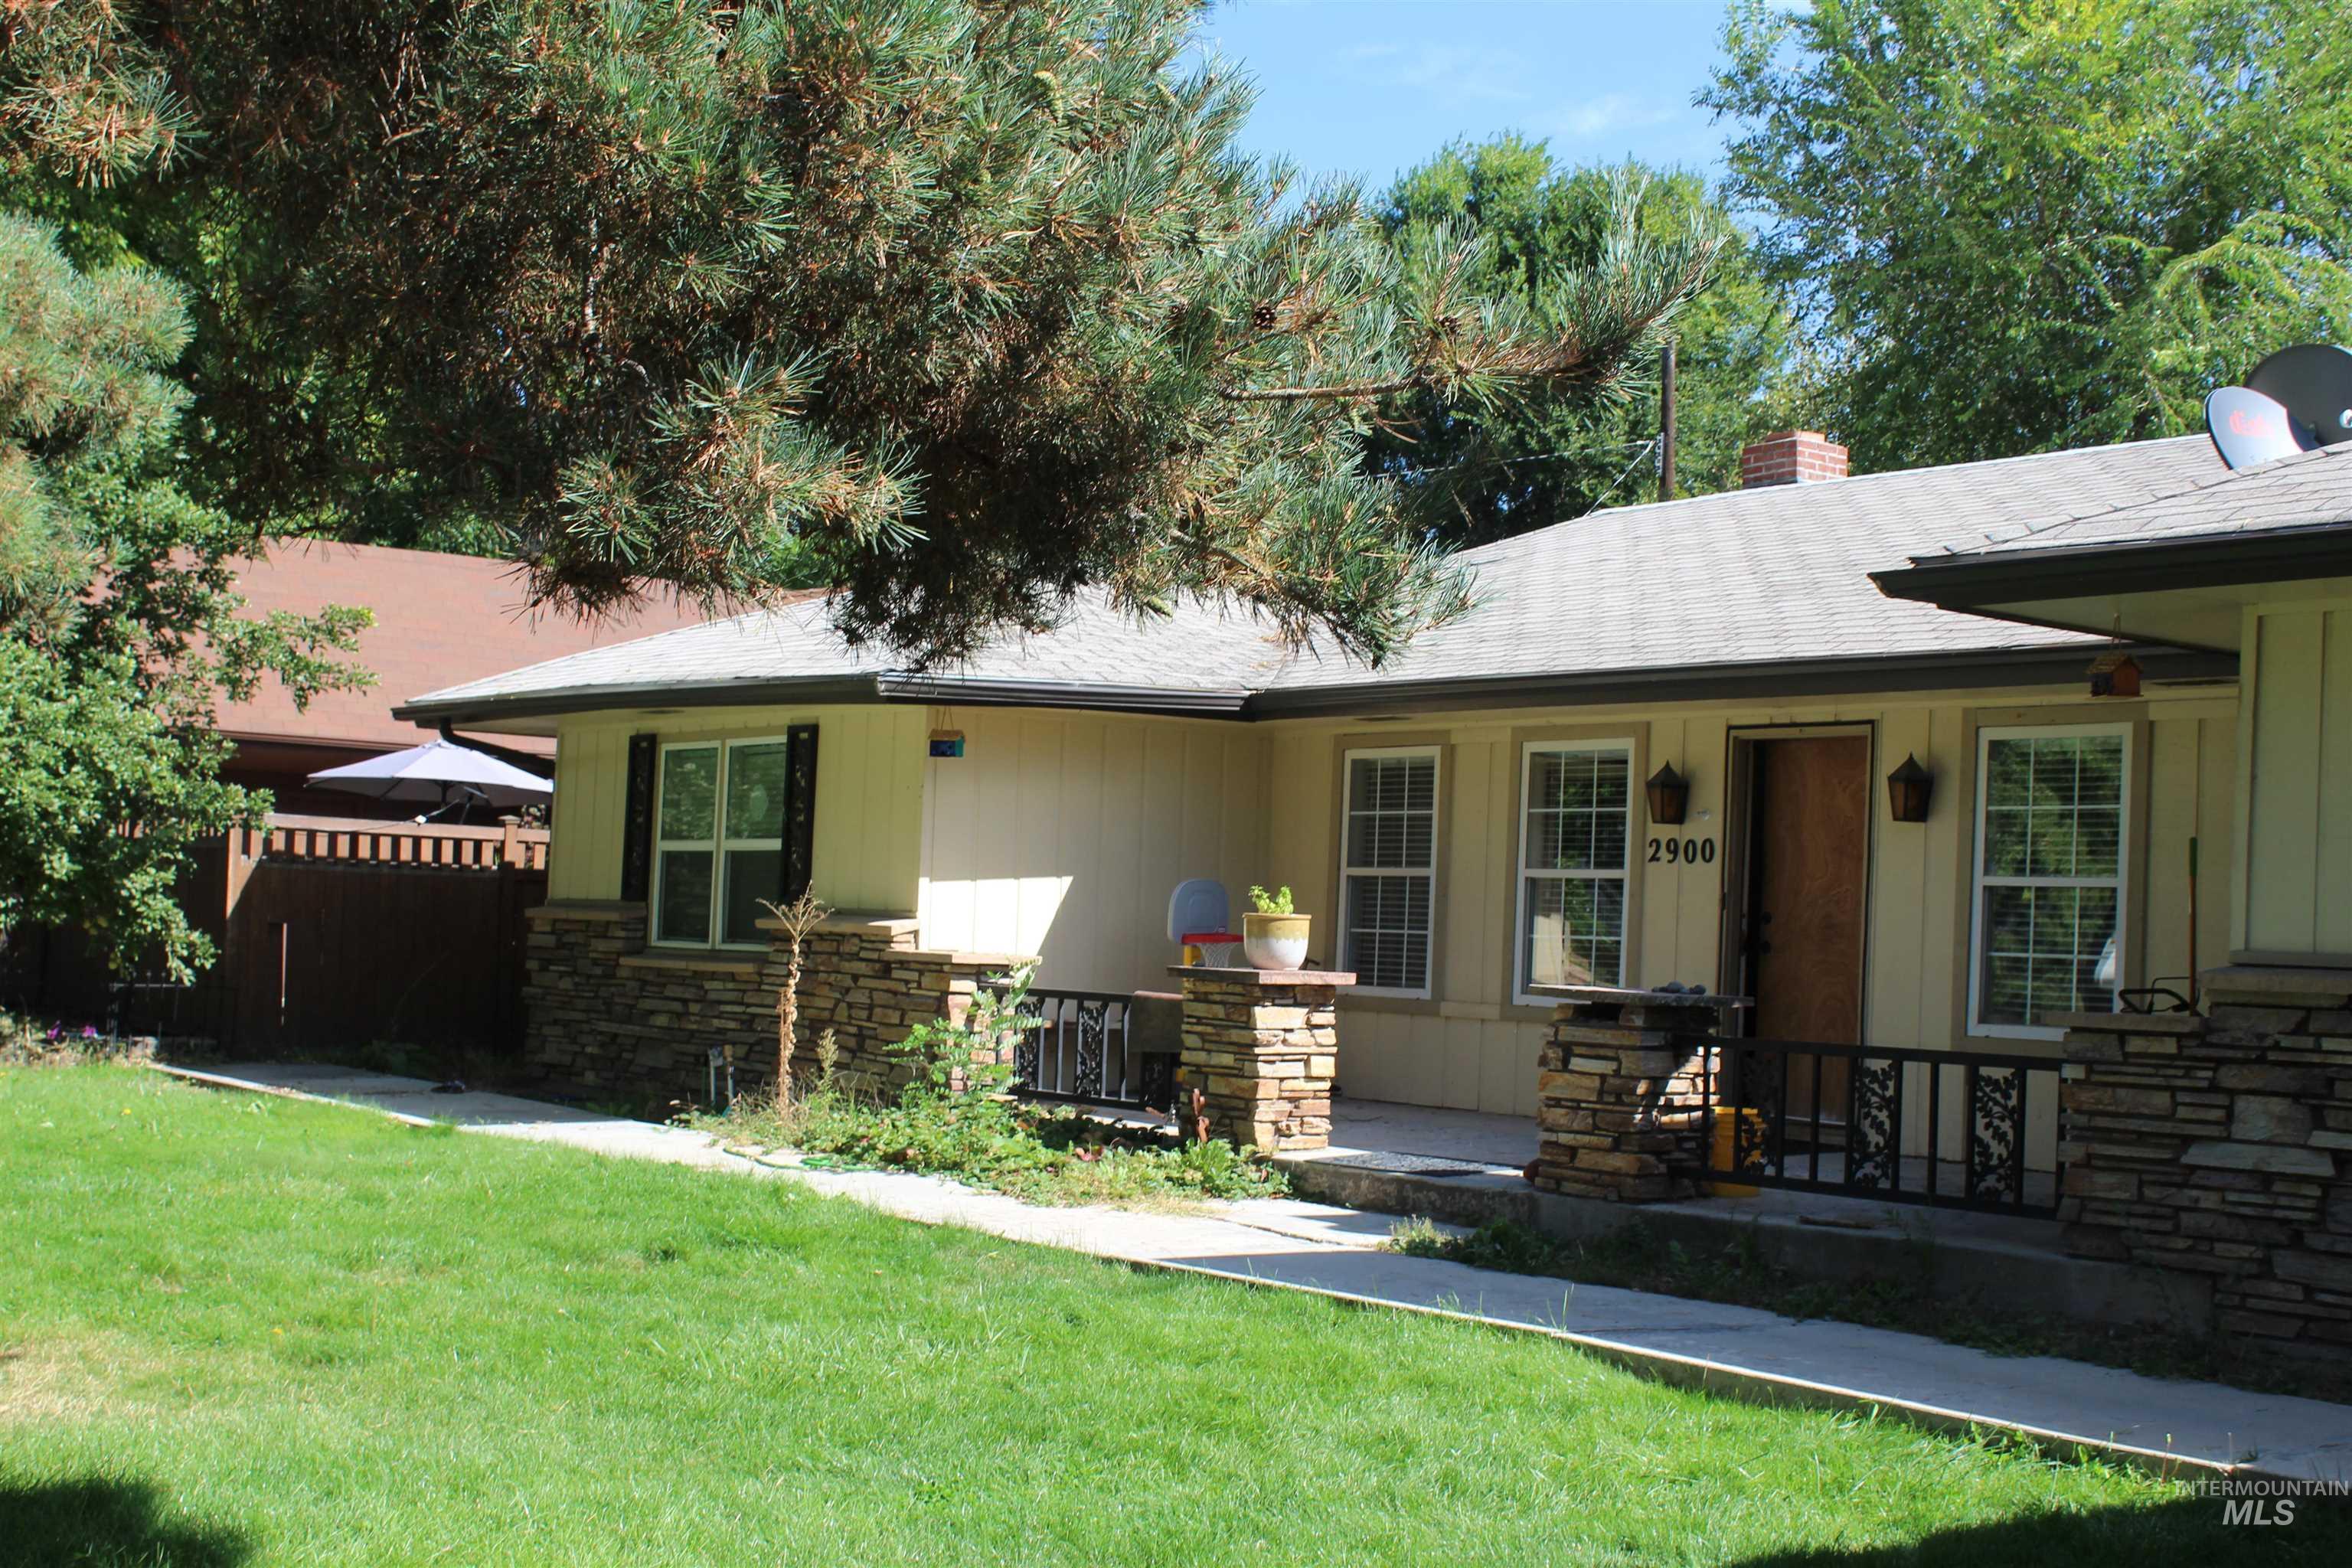 2900 N Tamarack Property Photo 3